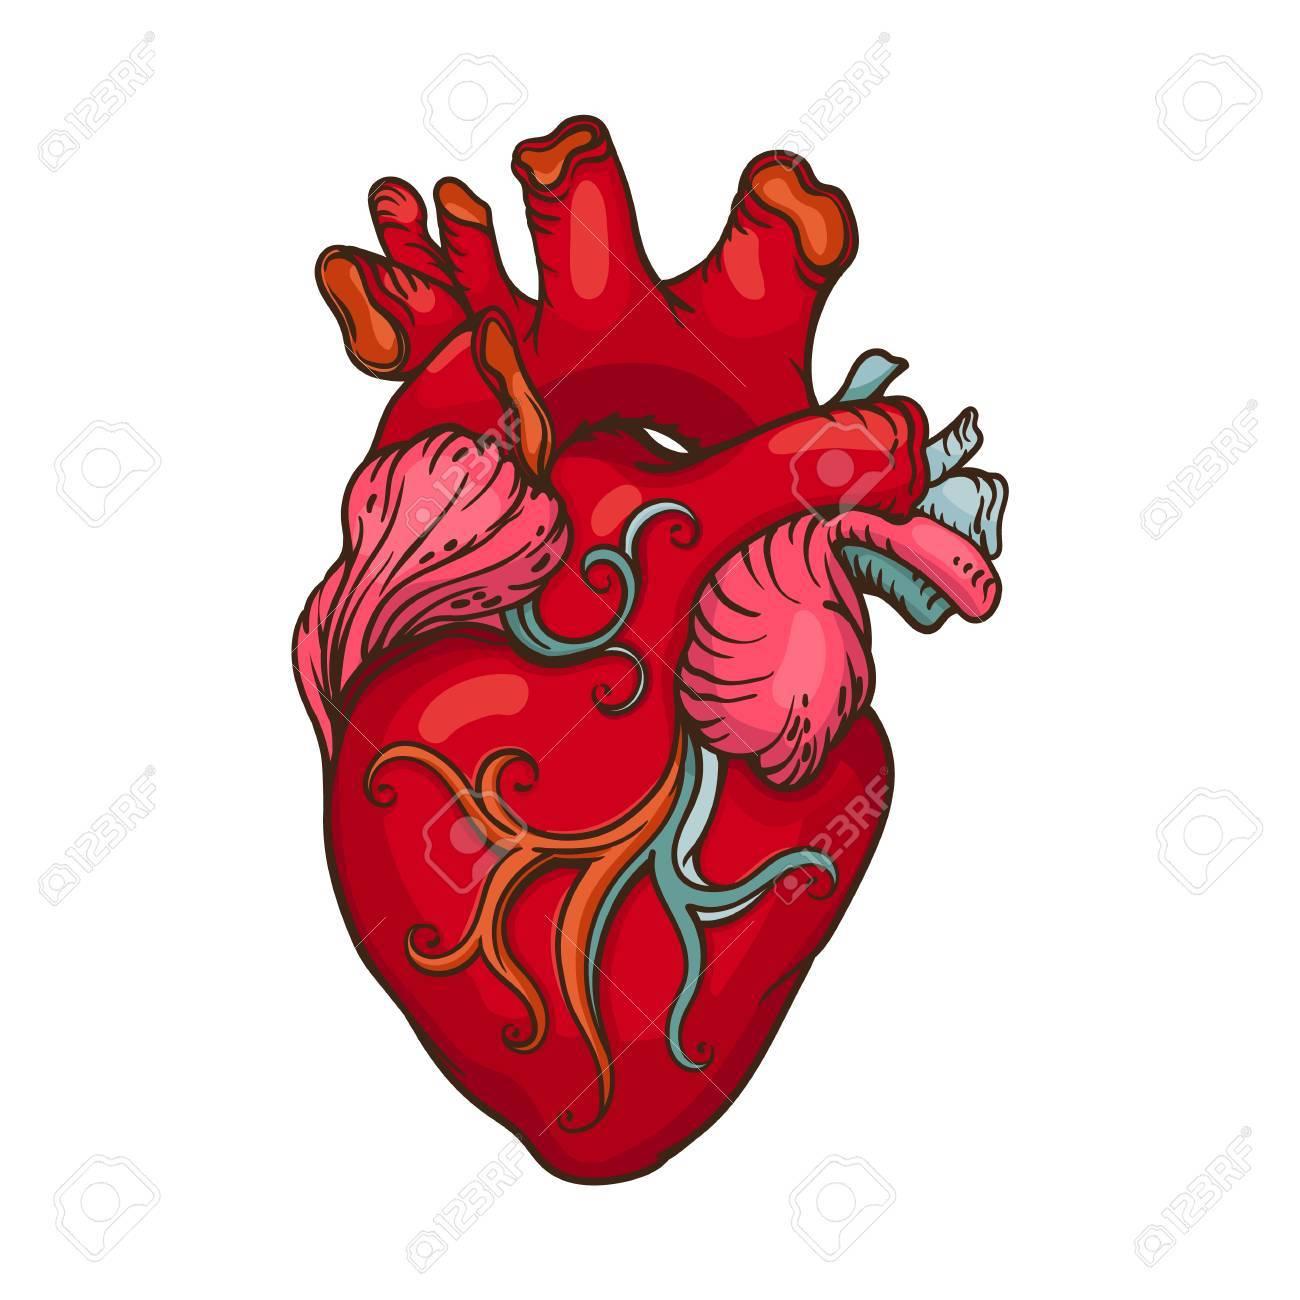 Dessin Coeur Humain dessin d'illustration stylisée de coeur humain. clip art libres de